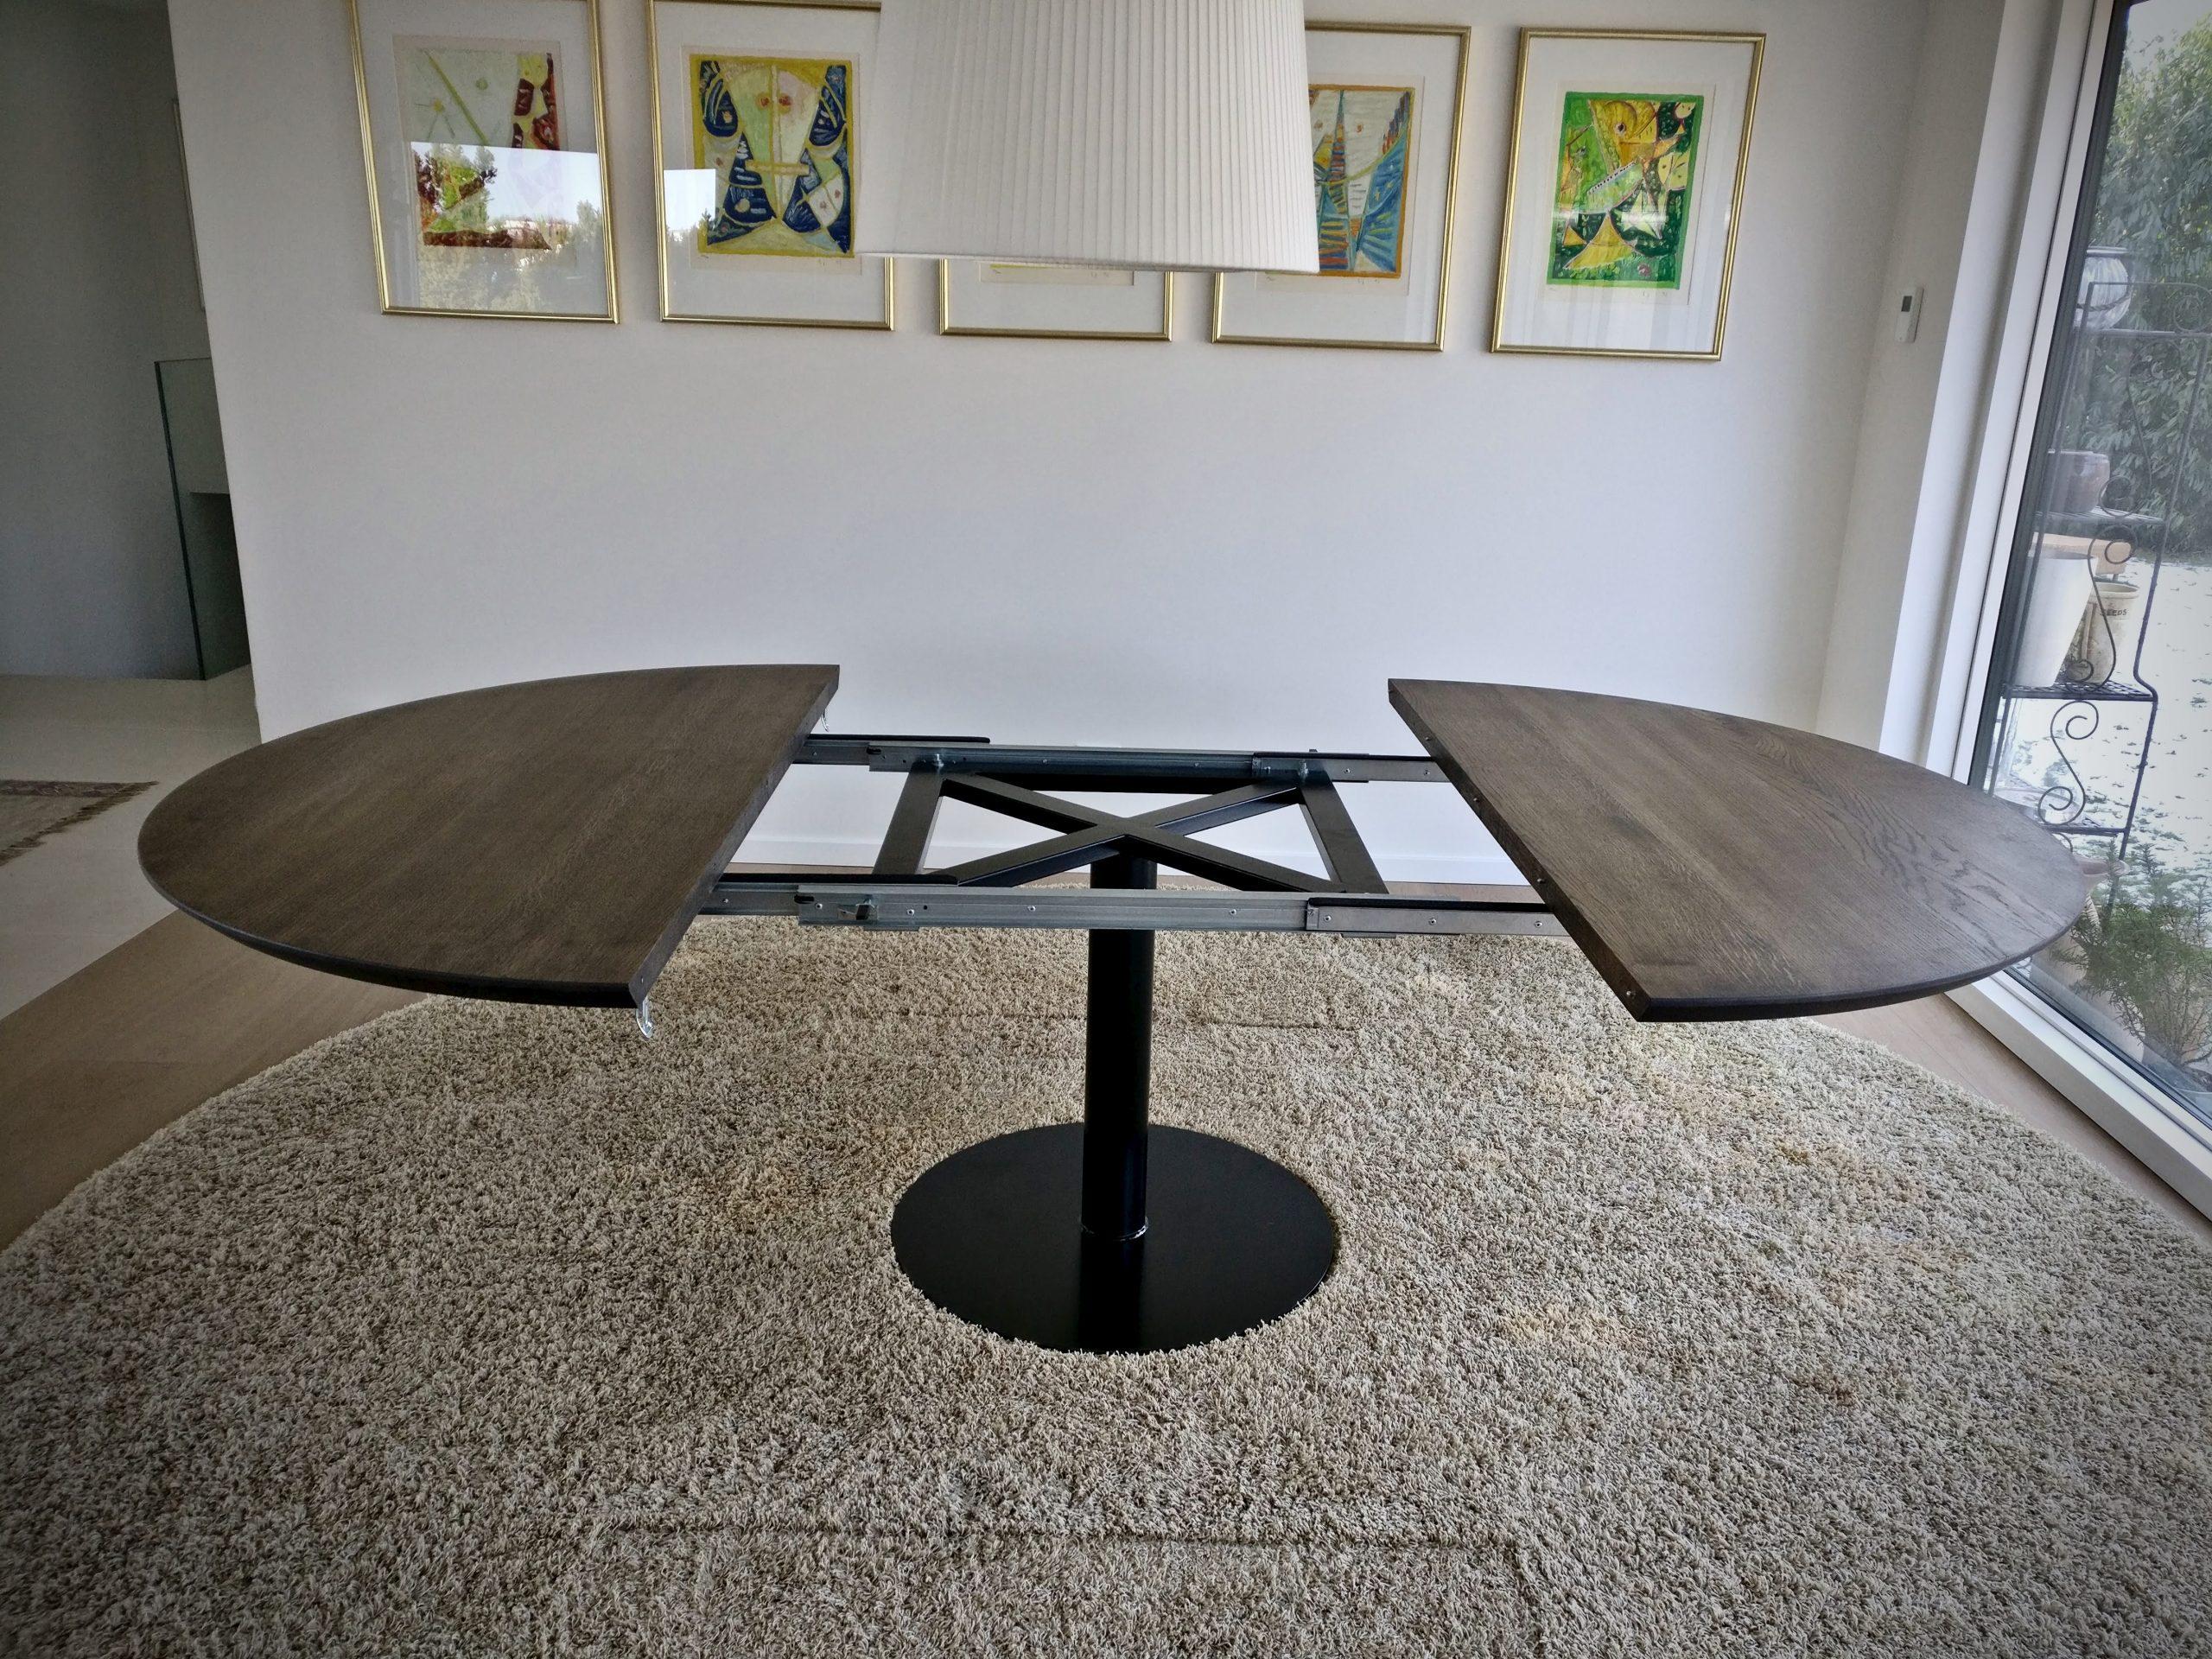 Rundt plankebord i egetrae kaerbygaard 2021 med udtryk og 2 tillaegsplader inkl mette spisebordsstole 7 scaled